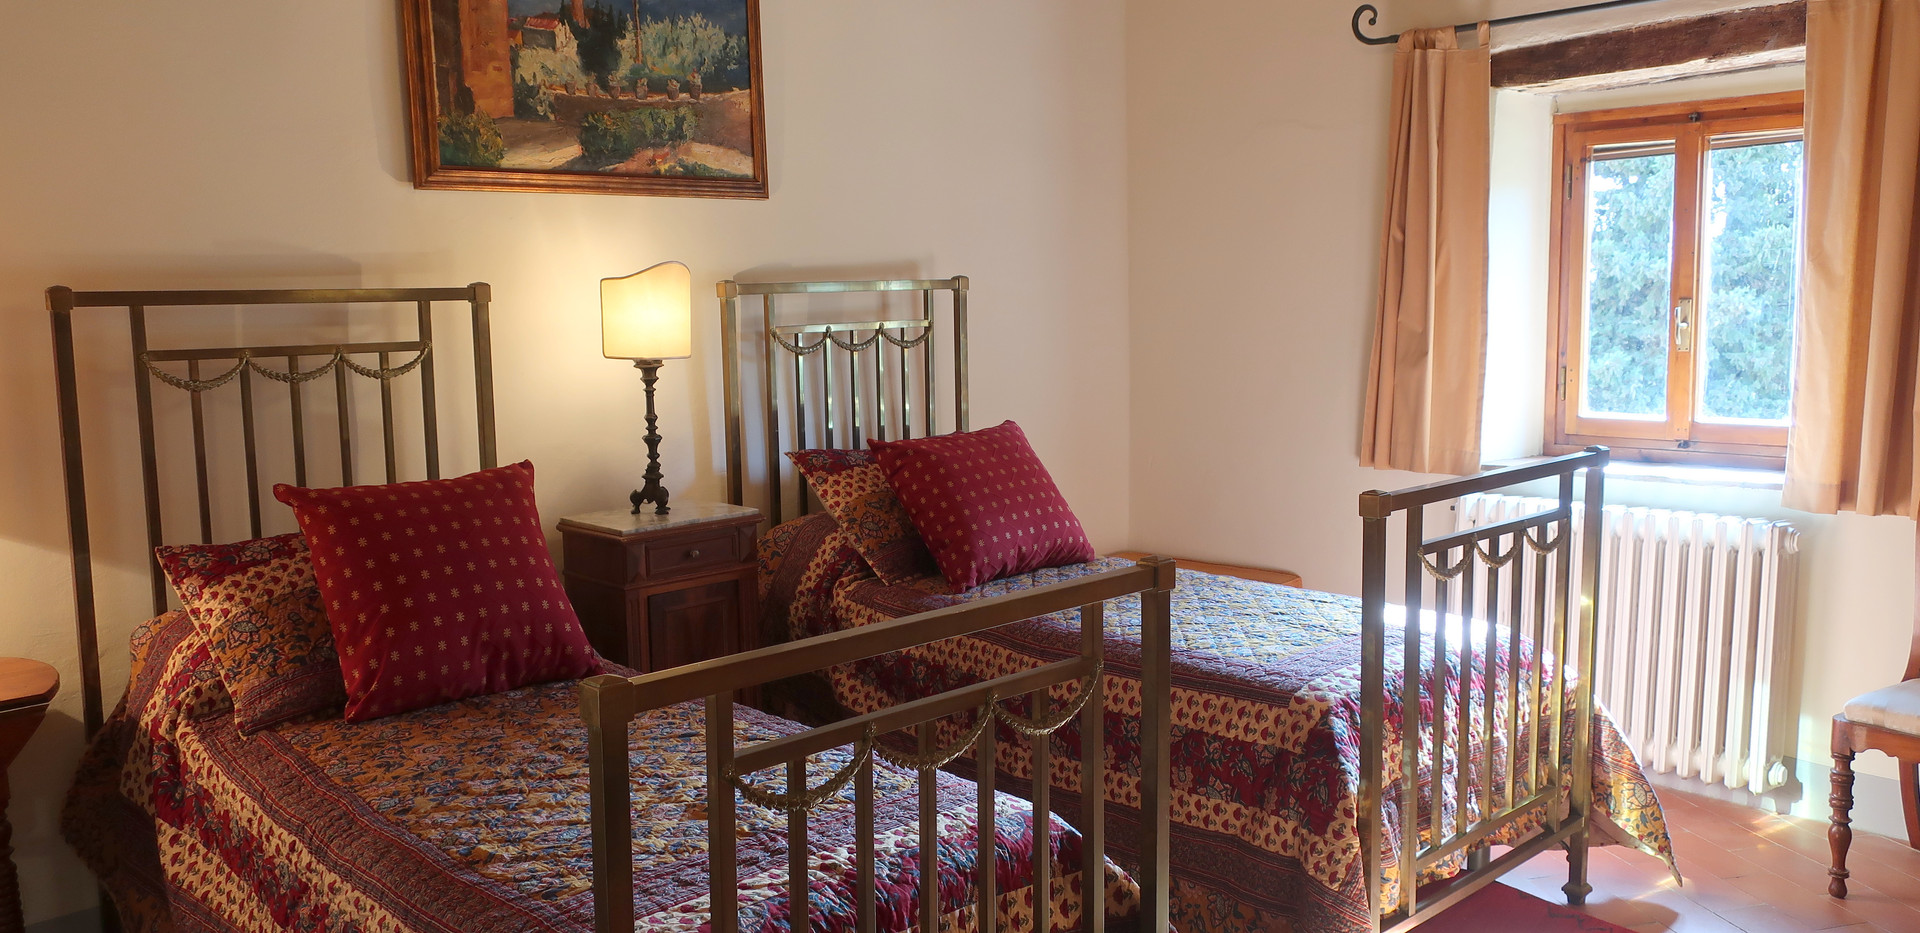 Gelsomino twin bedroom